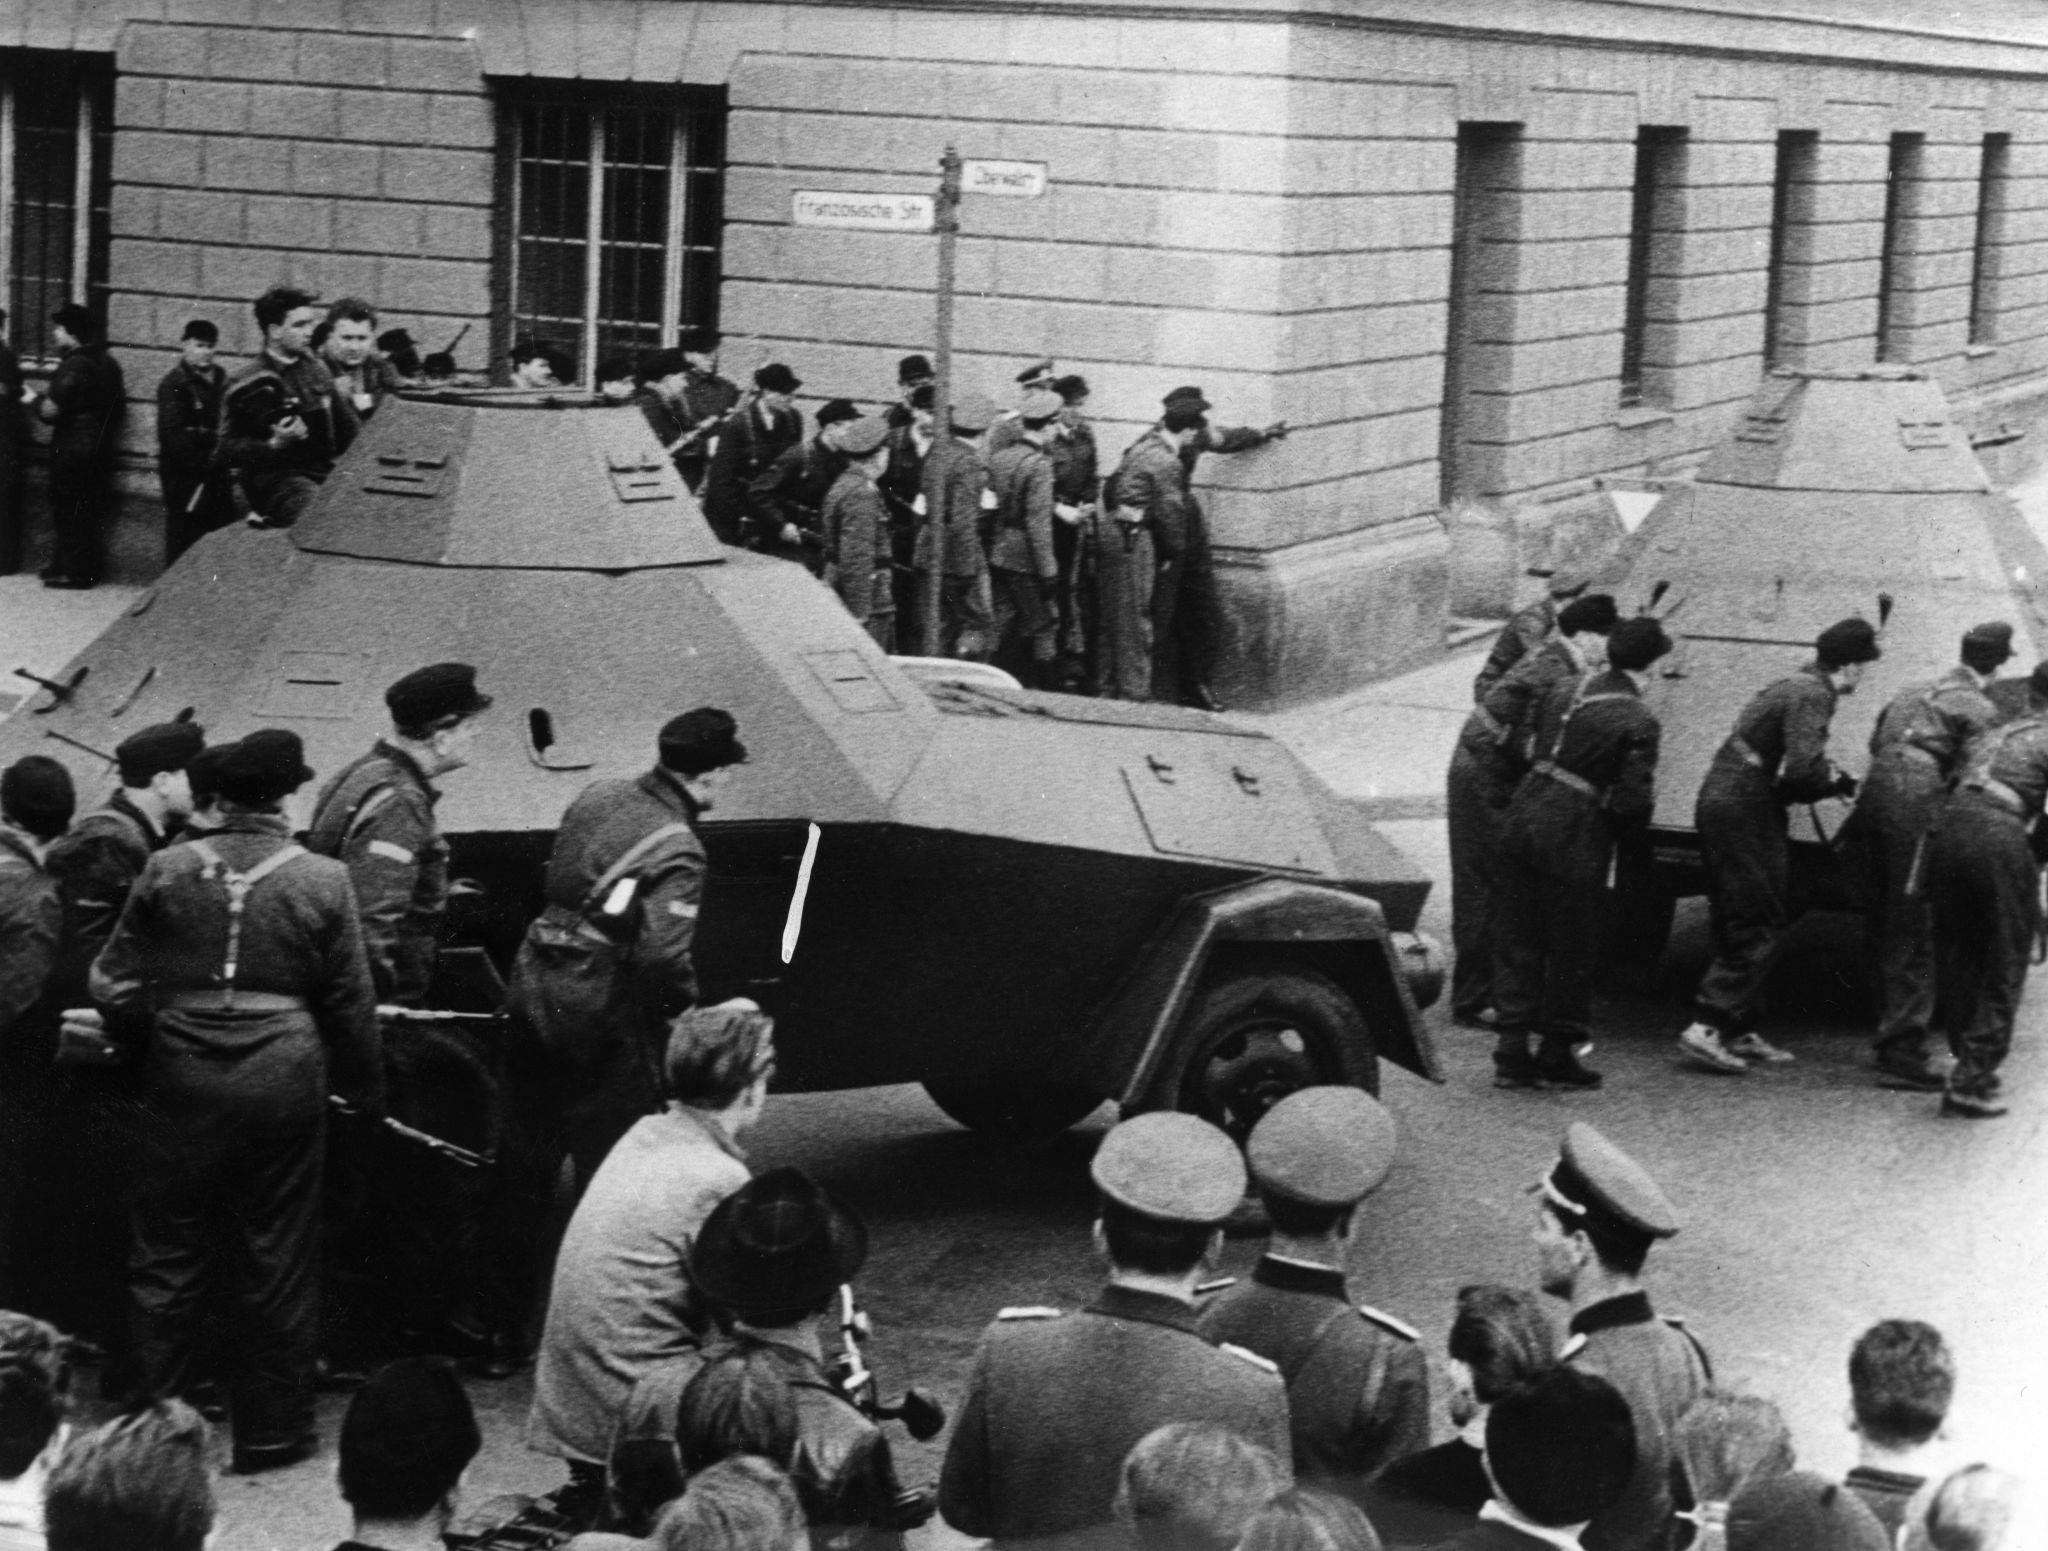 1957. Александерплац. Демонстрация Народной полиции и рабочей милиции 13 апреля